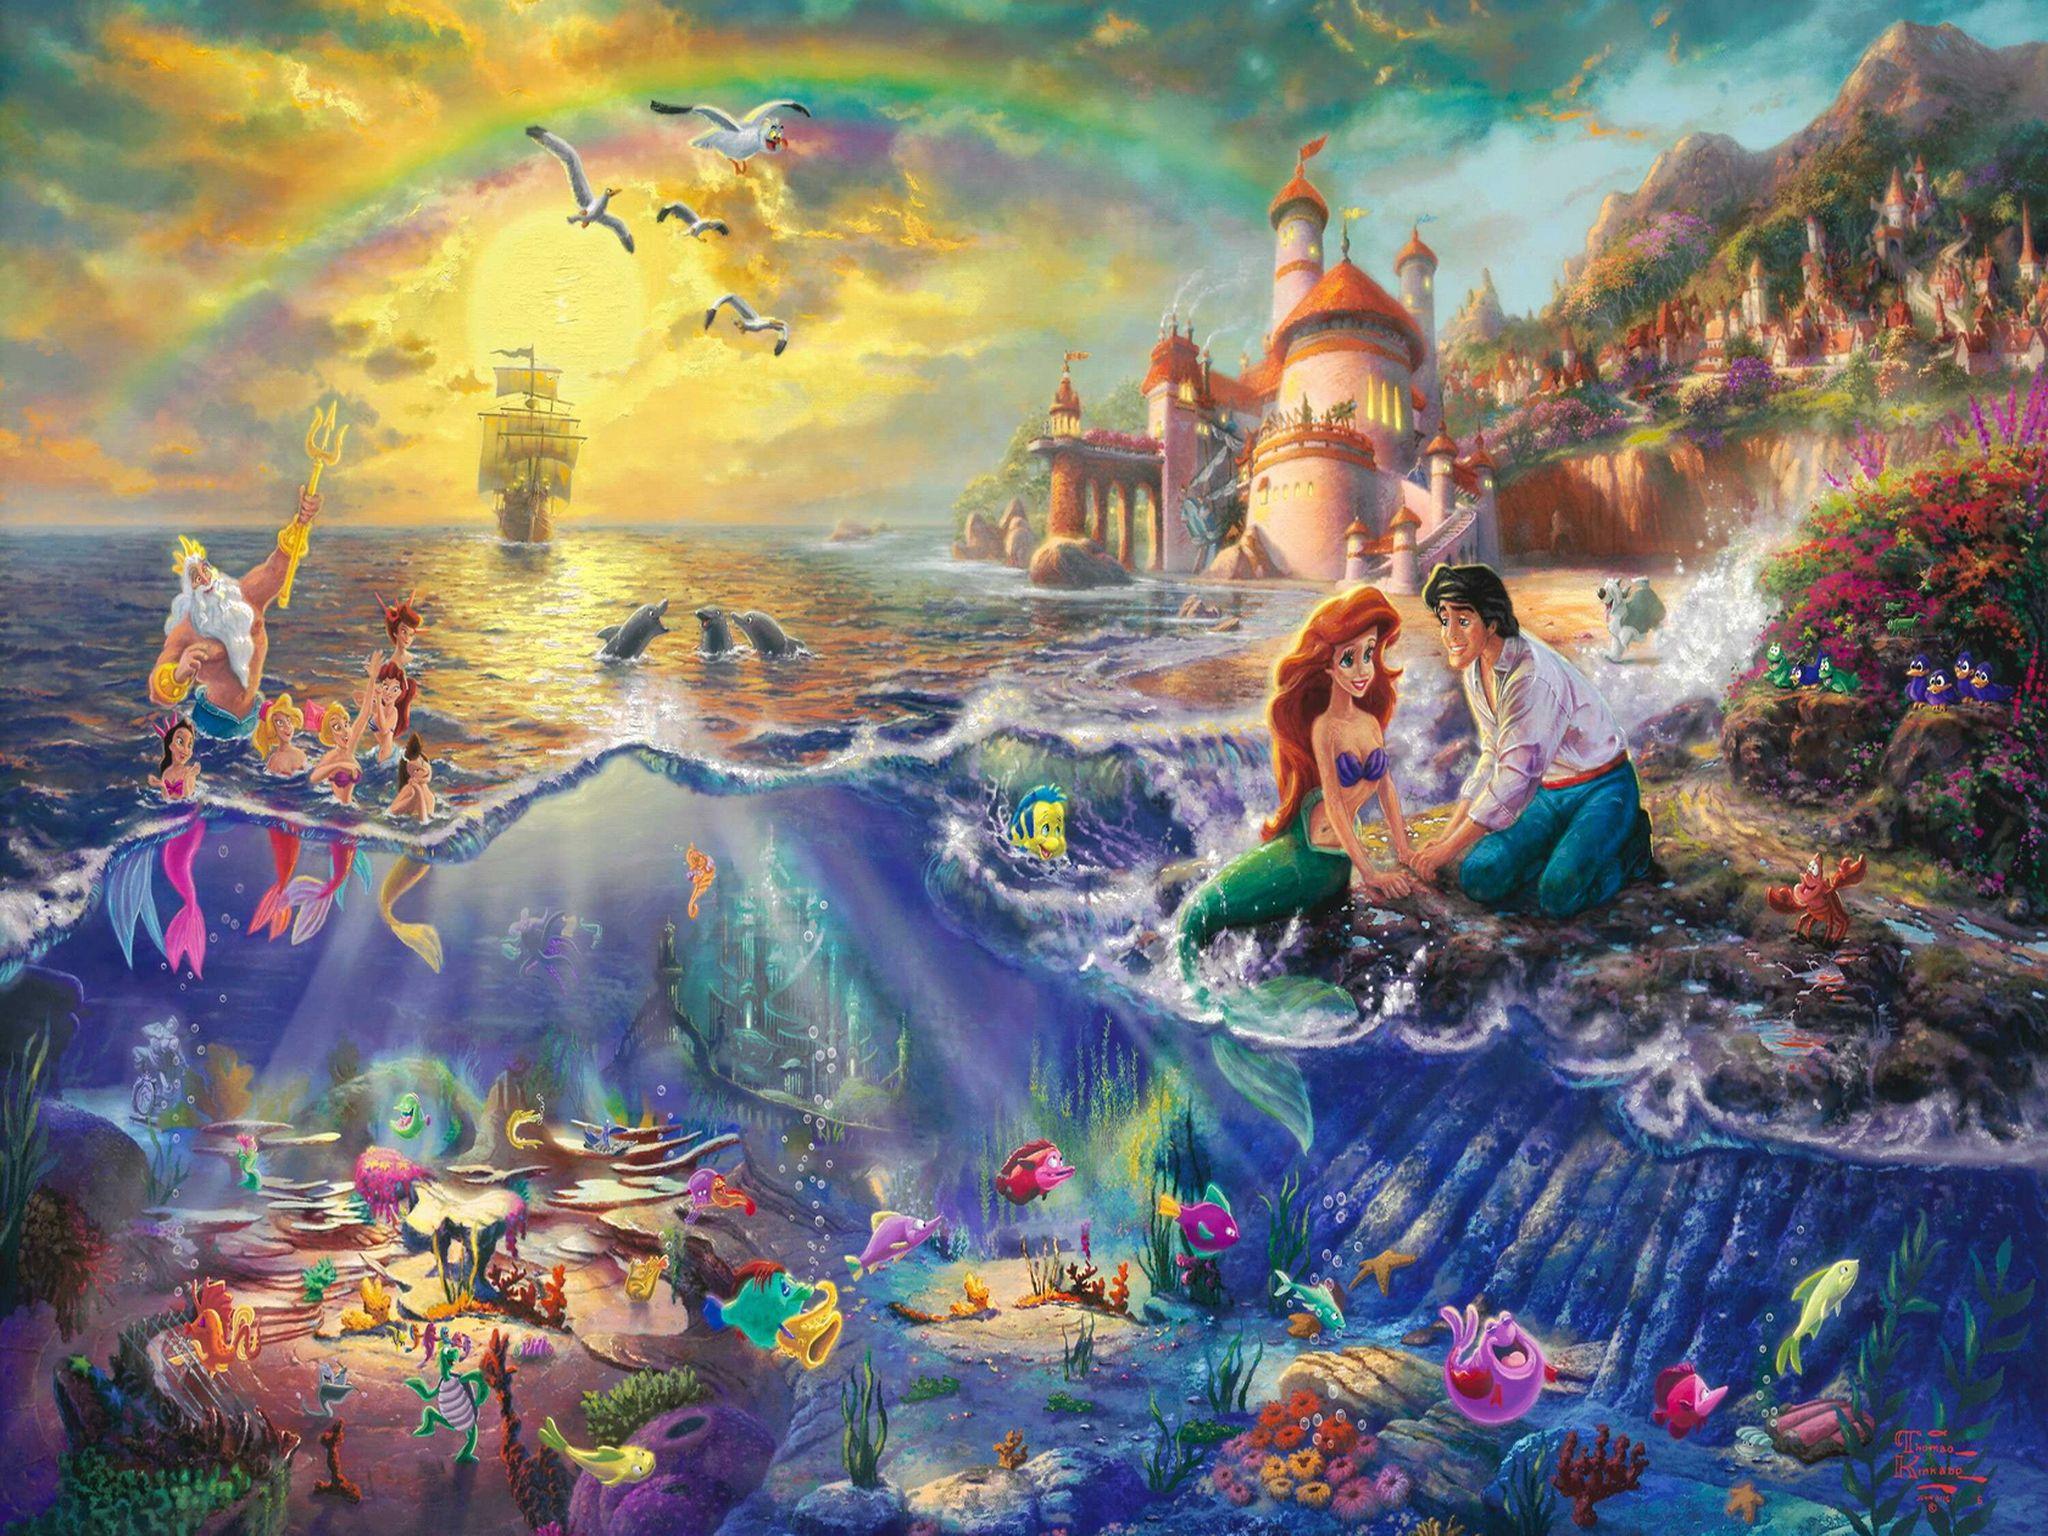 Thomas Kinkade Disney Art The Little Mermaid Thomas